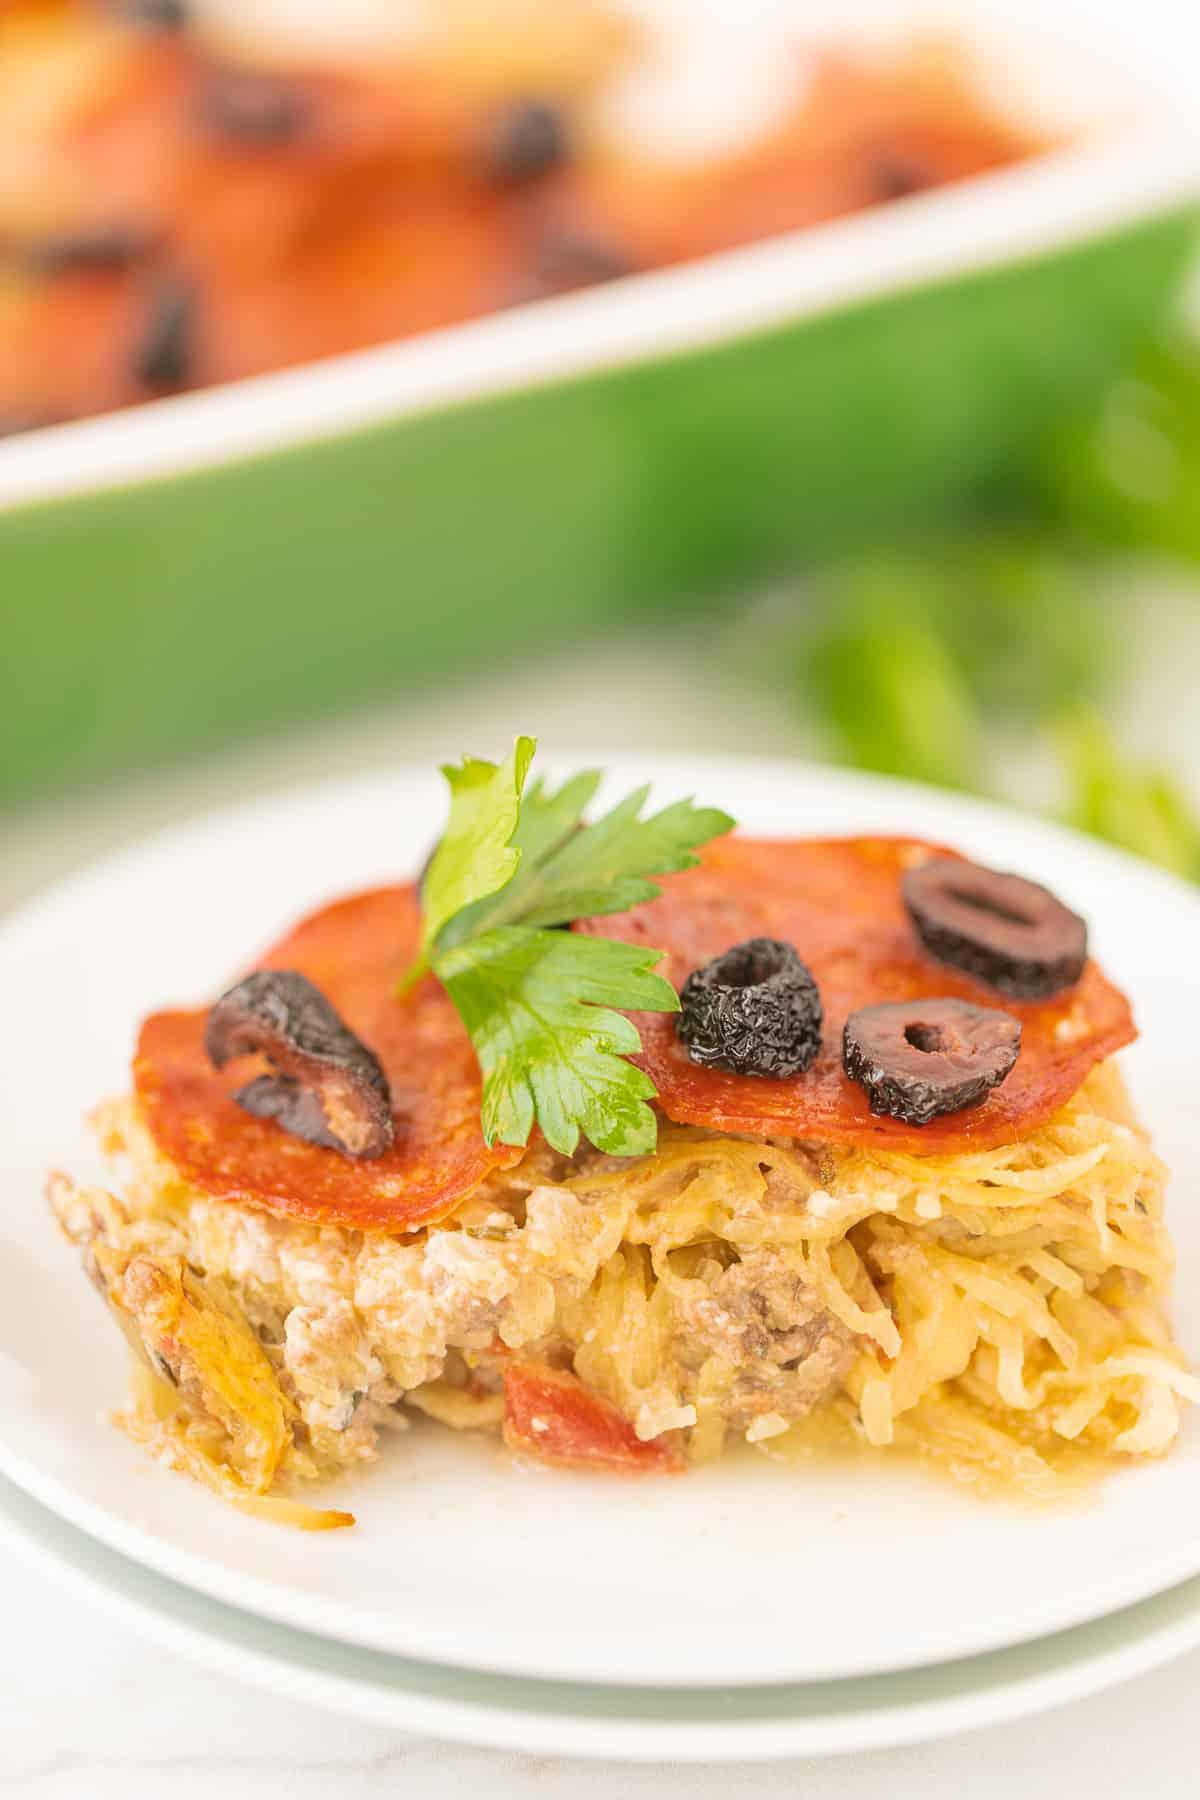 slice of cooked spaghetti squash casserole